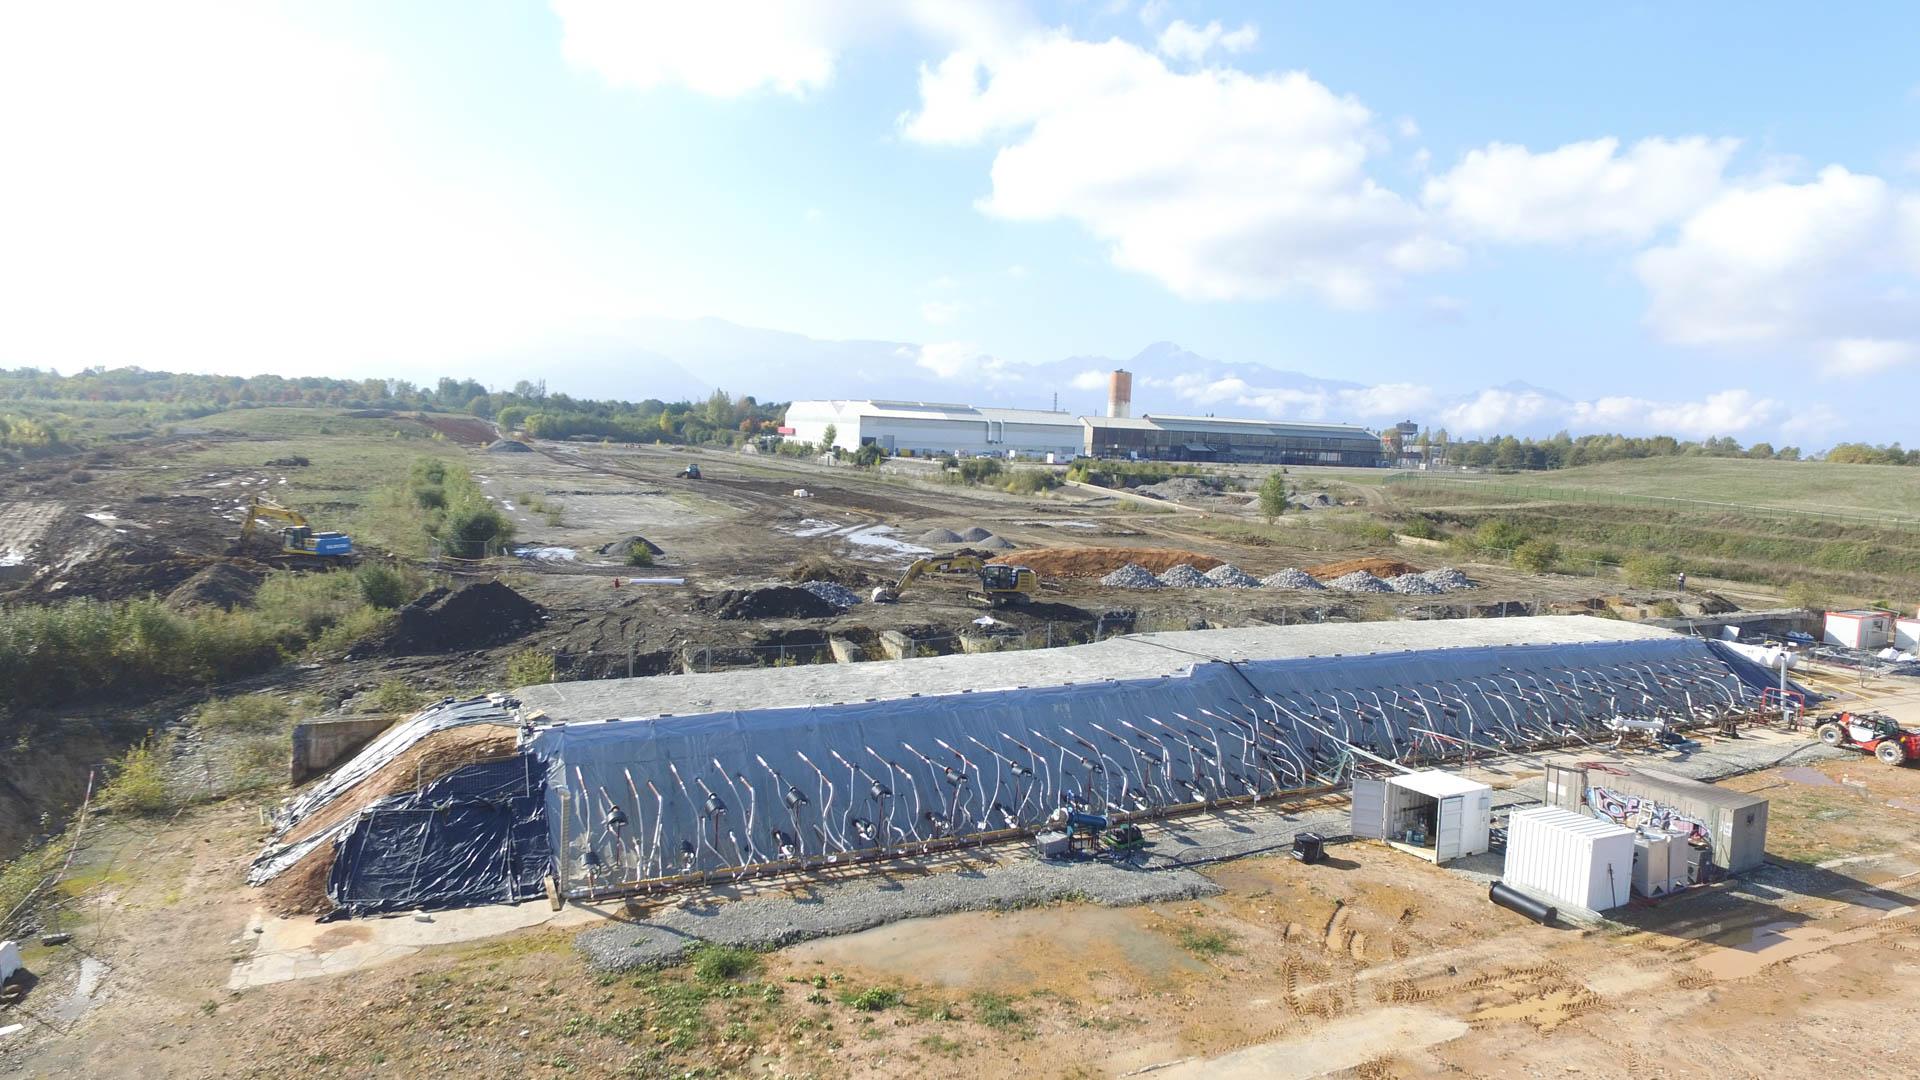 Technique de désorption thermique de sols pollués sur le chantier de l'usine de Lannemezan